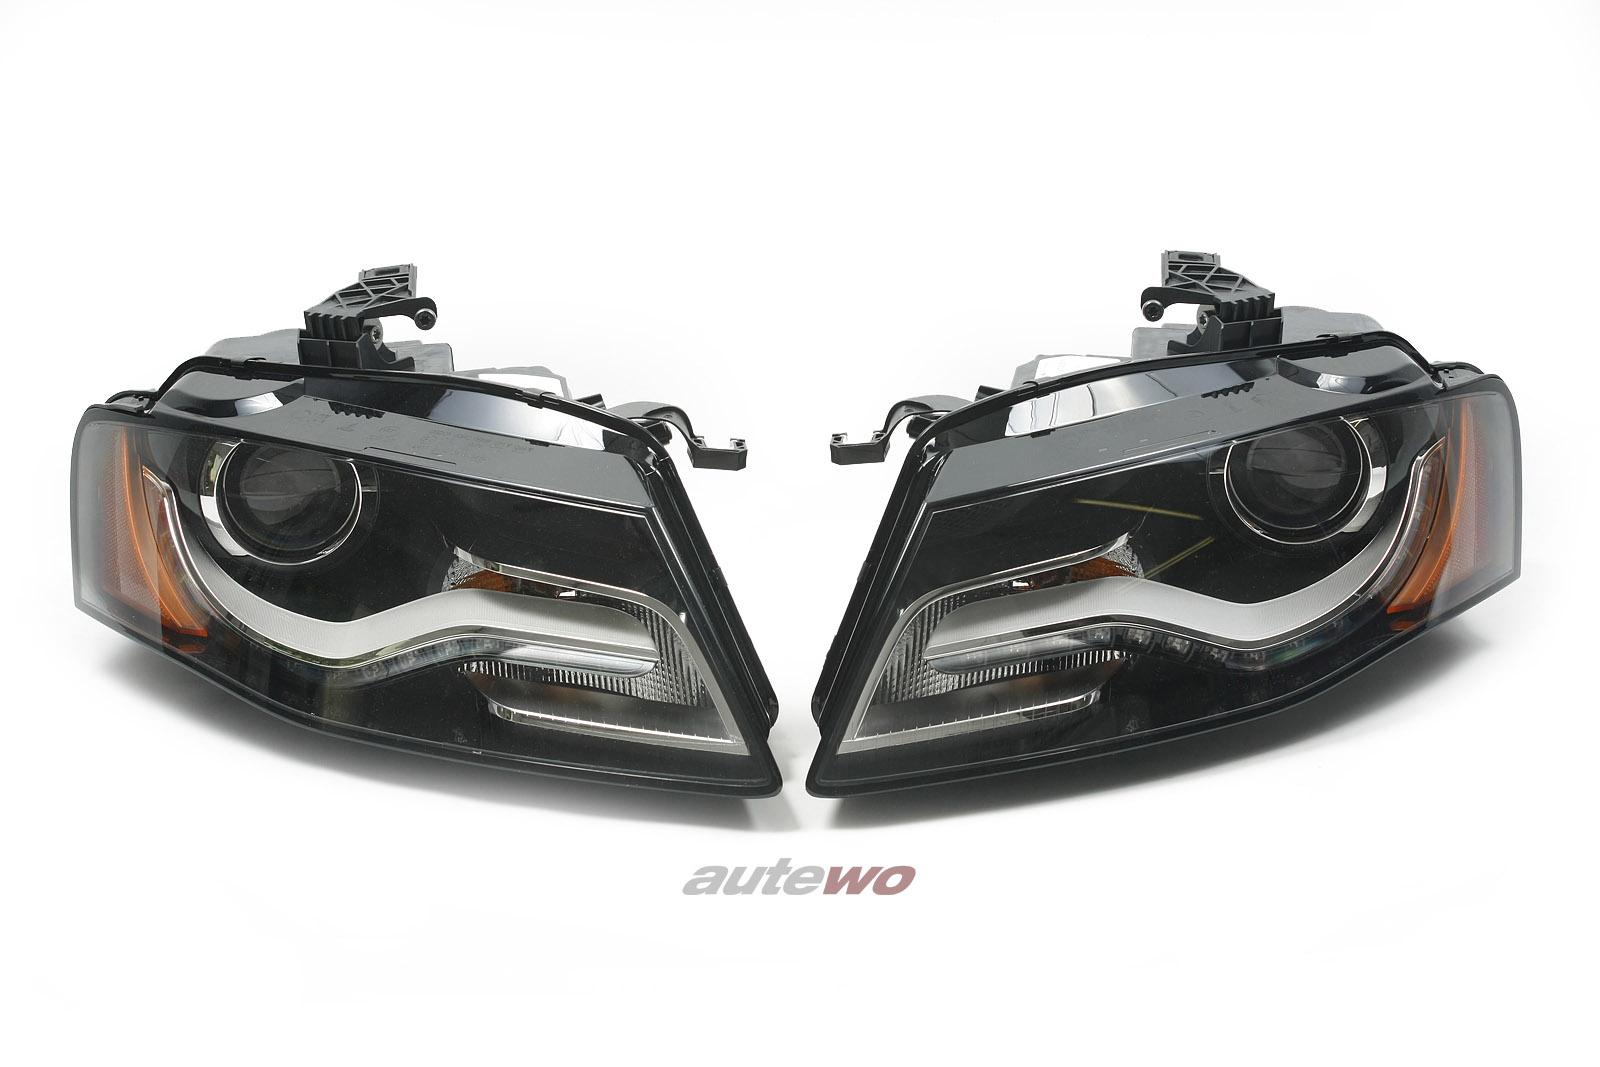 8K0941029AP/J & 8K0941030AP/J NEU Audi A4 8K Bixenon-Scheinwerfer-Paar LED US